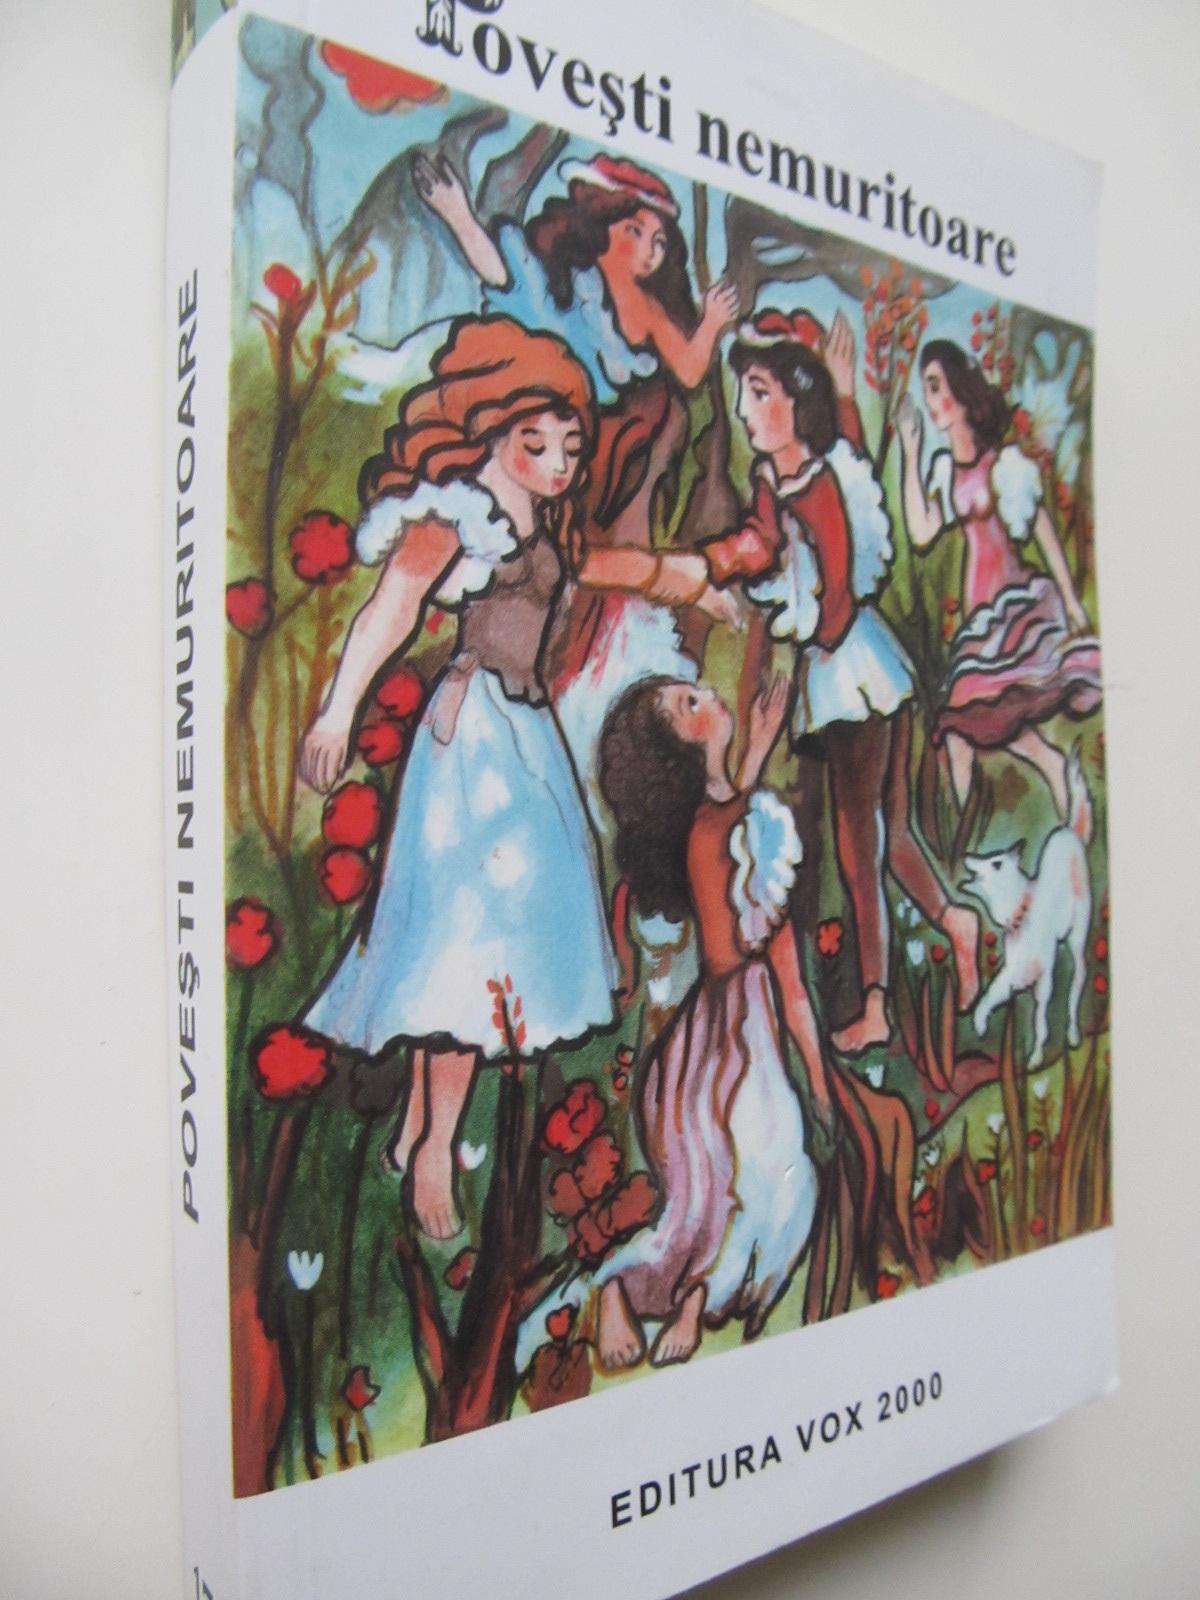 Povesti nemuritoare (17) - *** | Detalii carte